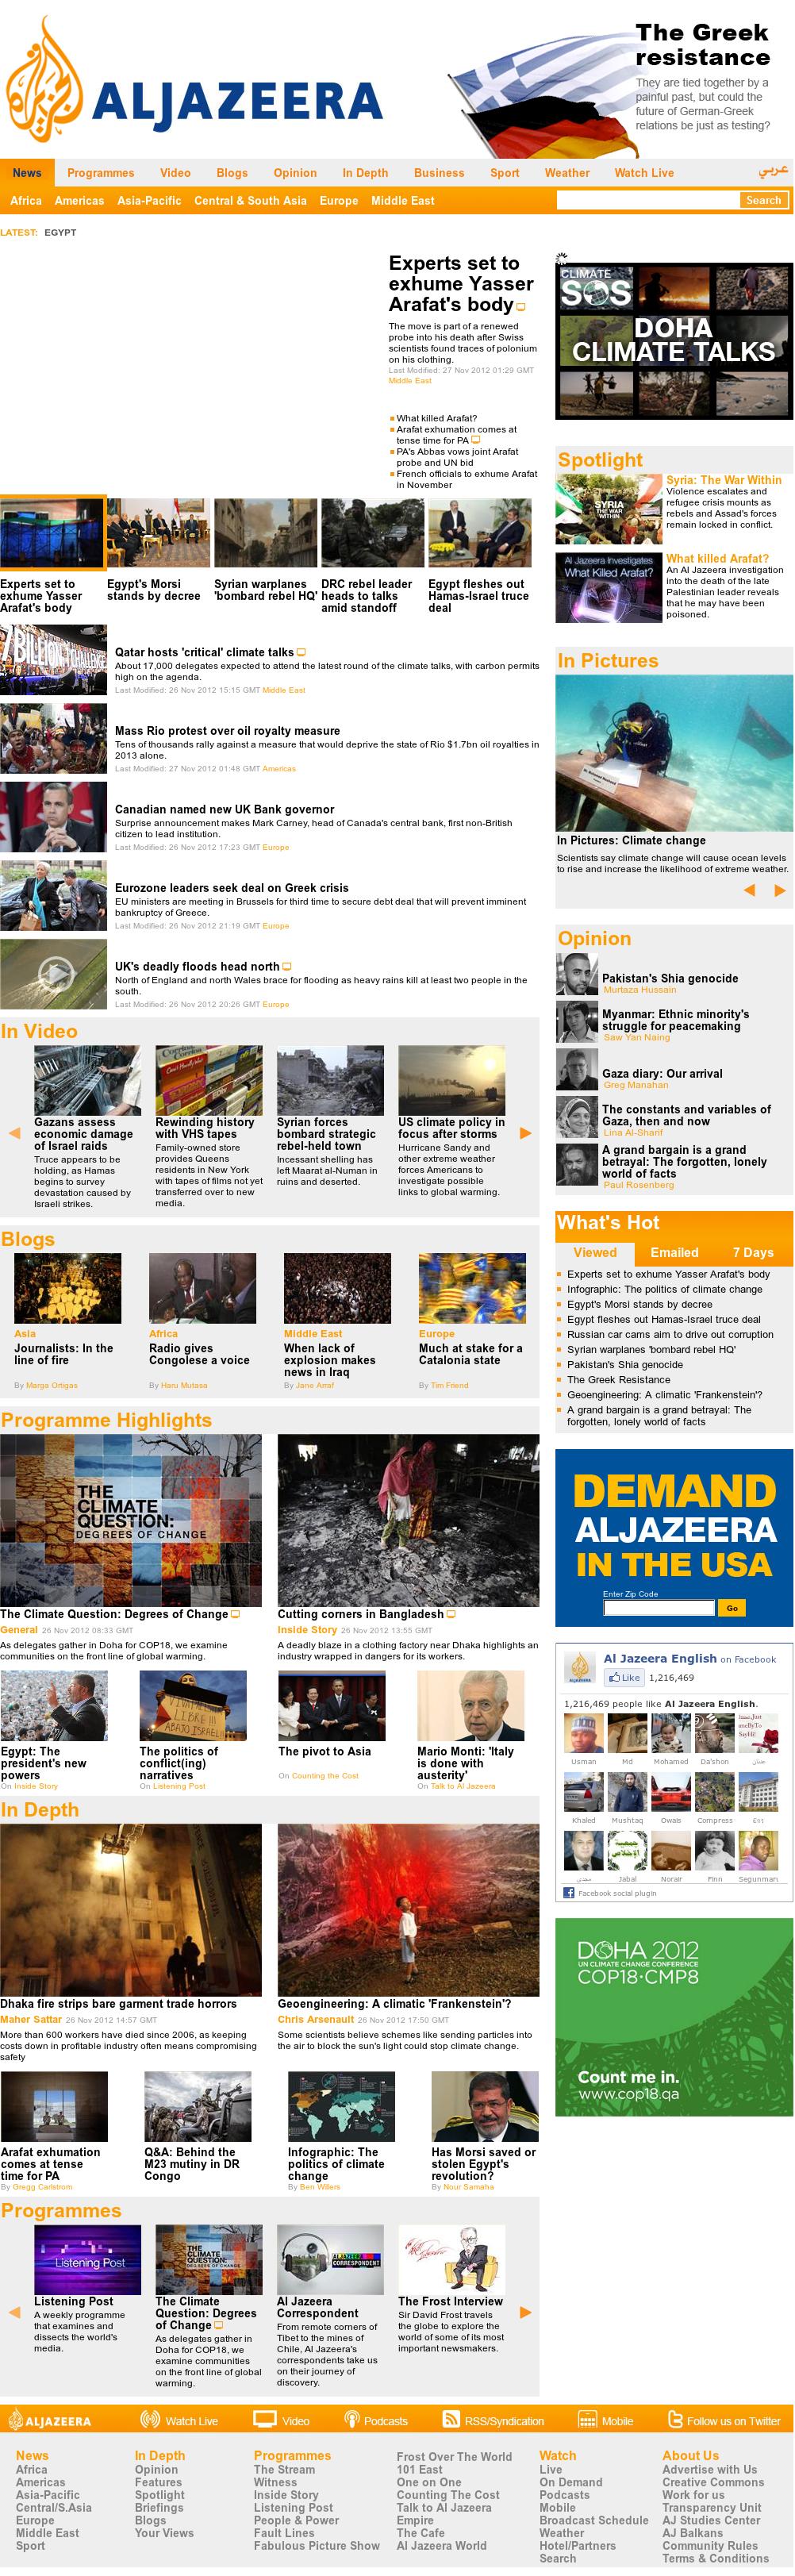 Al Jazeera (English) at Tuesday Nov. 27, 2012, 2:16 a.m. UTC